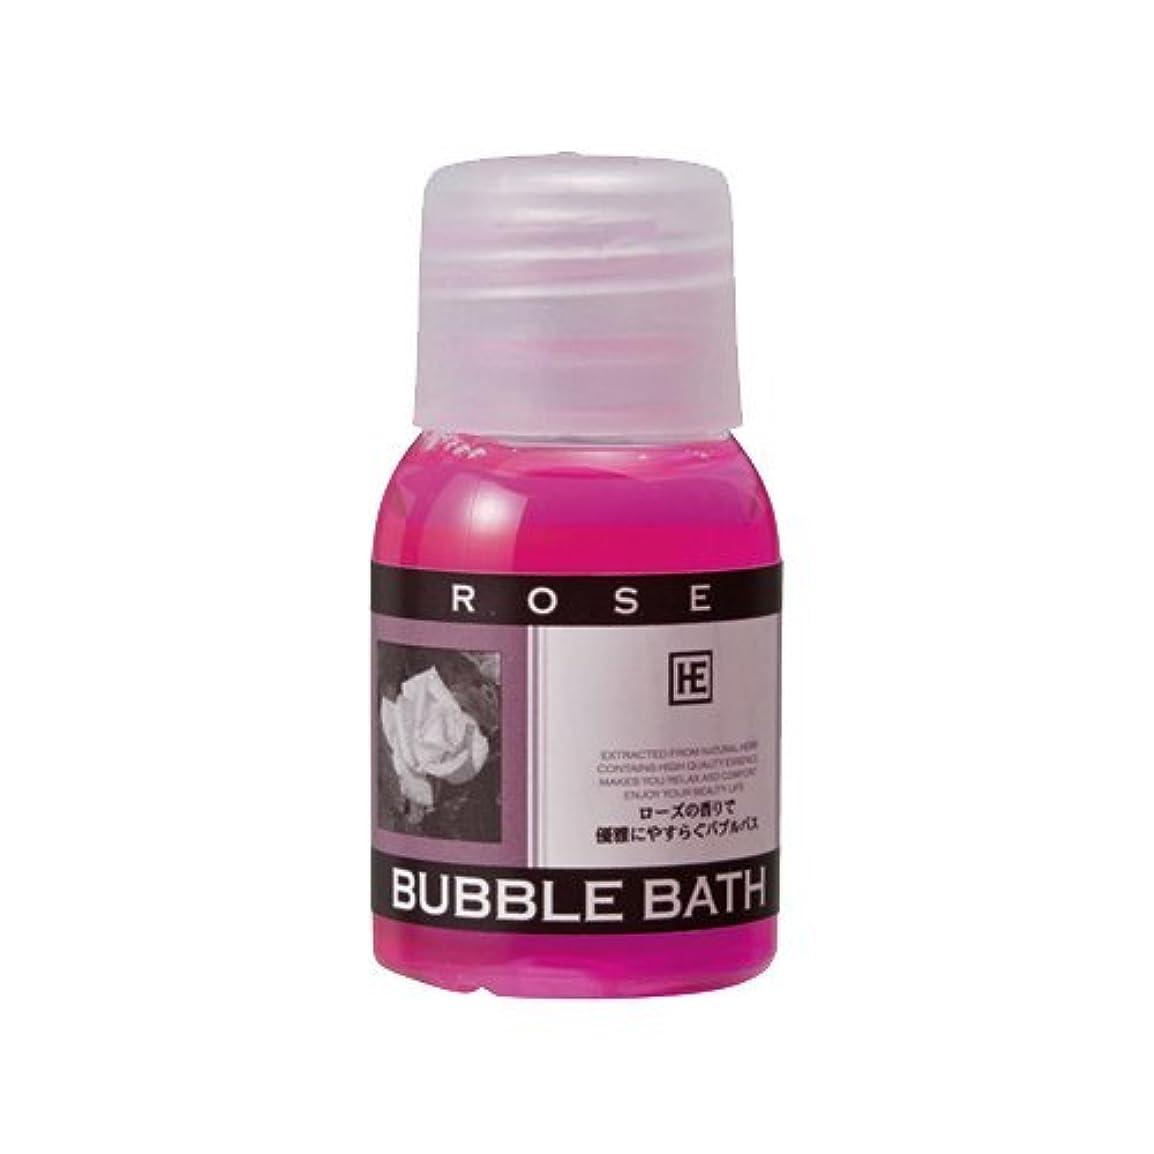 インセンティブ少年追跡ハーバルエクストラ バブルバス ミニボトル ローズの香り - ホテルアメニティ 業務用 発泡入浴剤 (BUBBLE BATH)